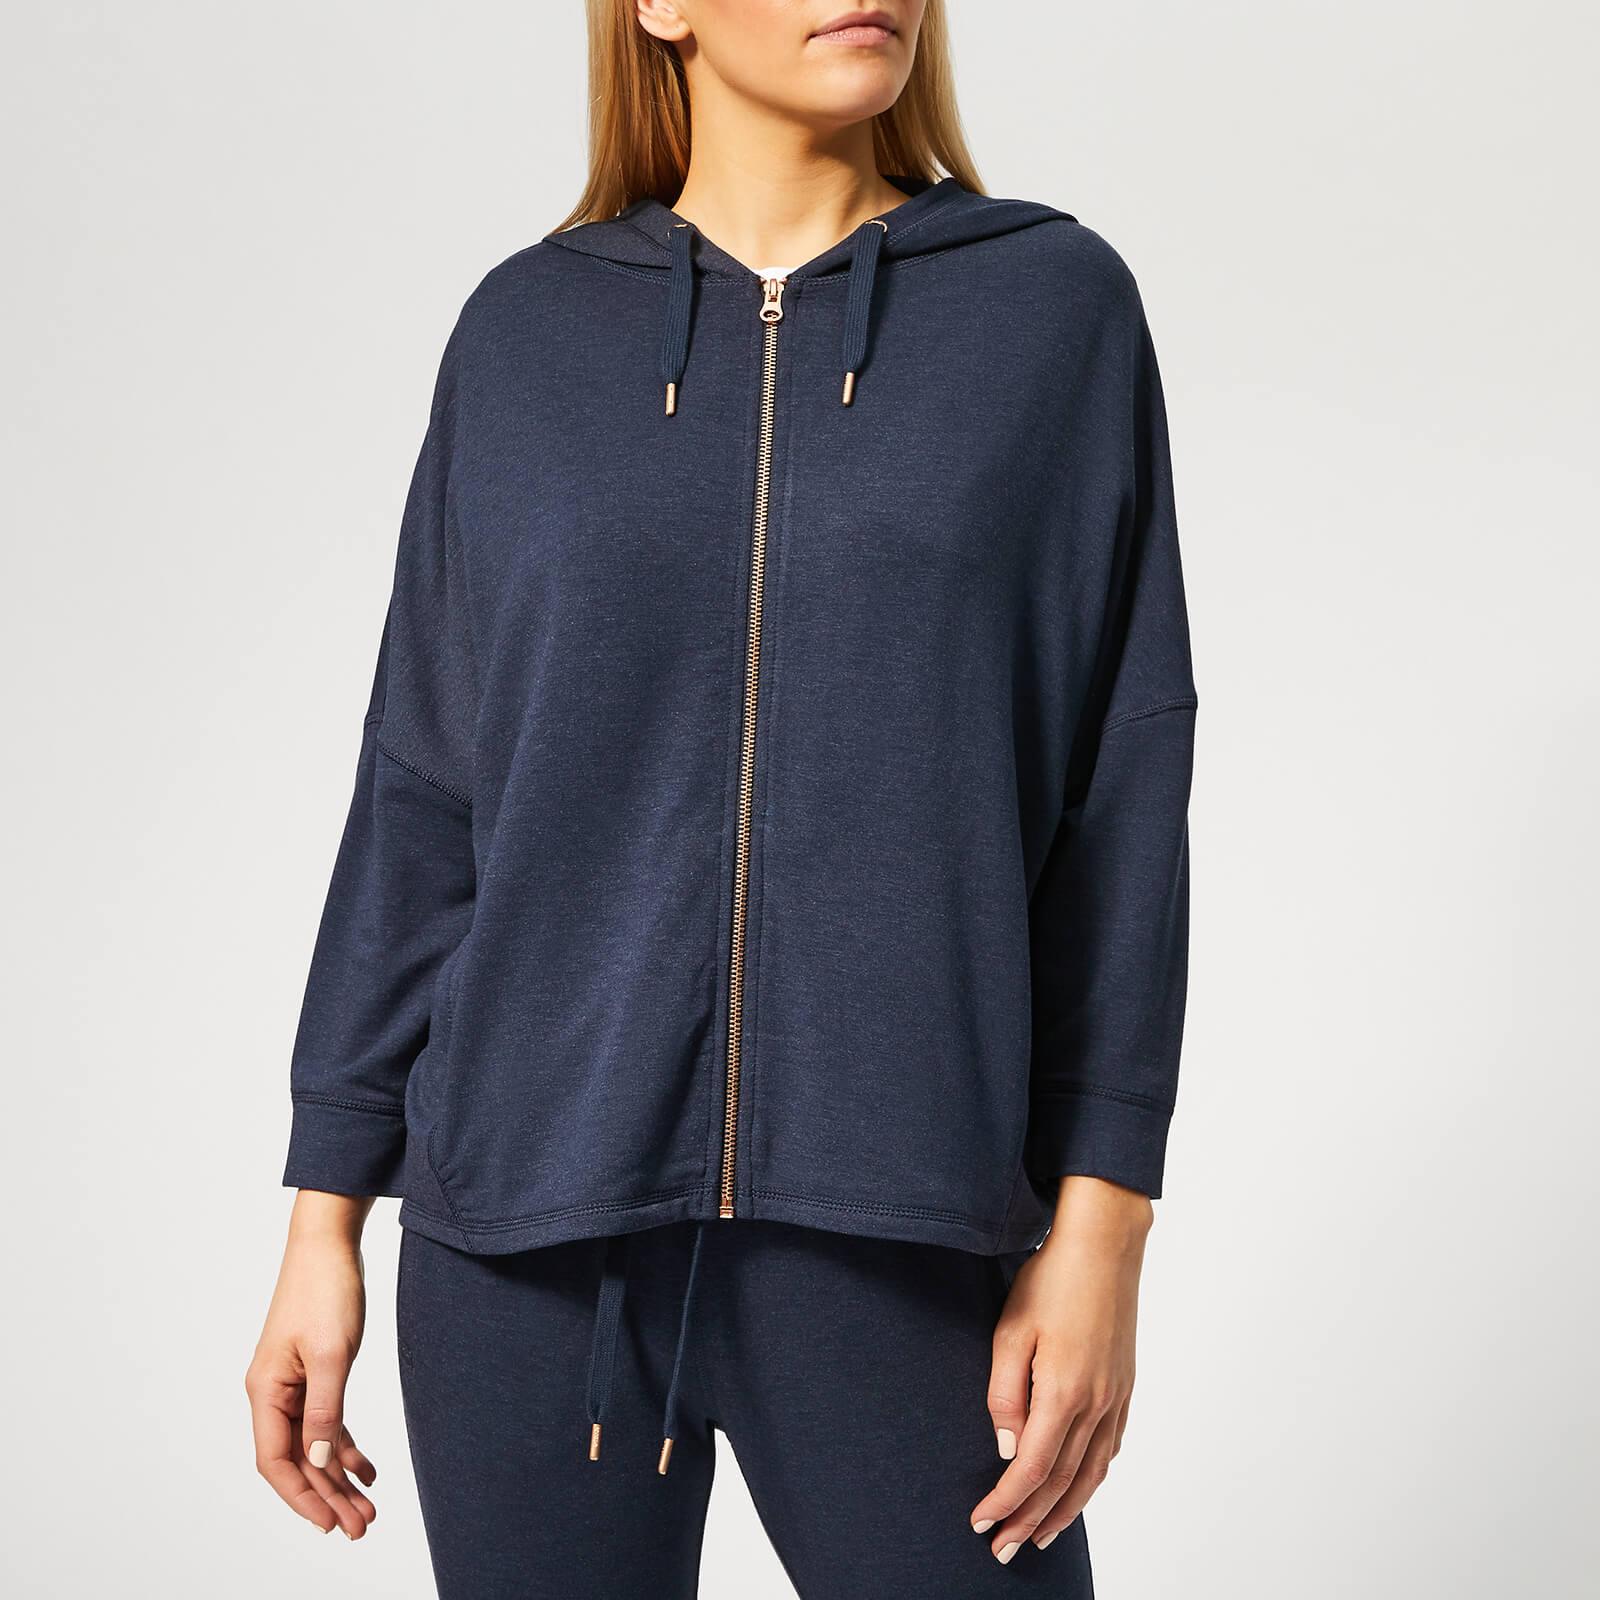 Superdry Sport Women's Active Studio Luxe Zip Hoody - Eclipse Navy Marl - XS - Blue